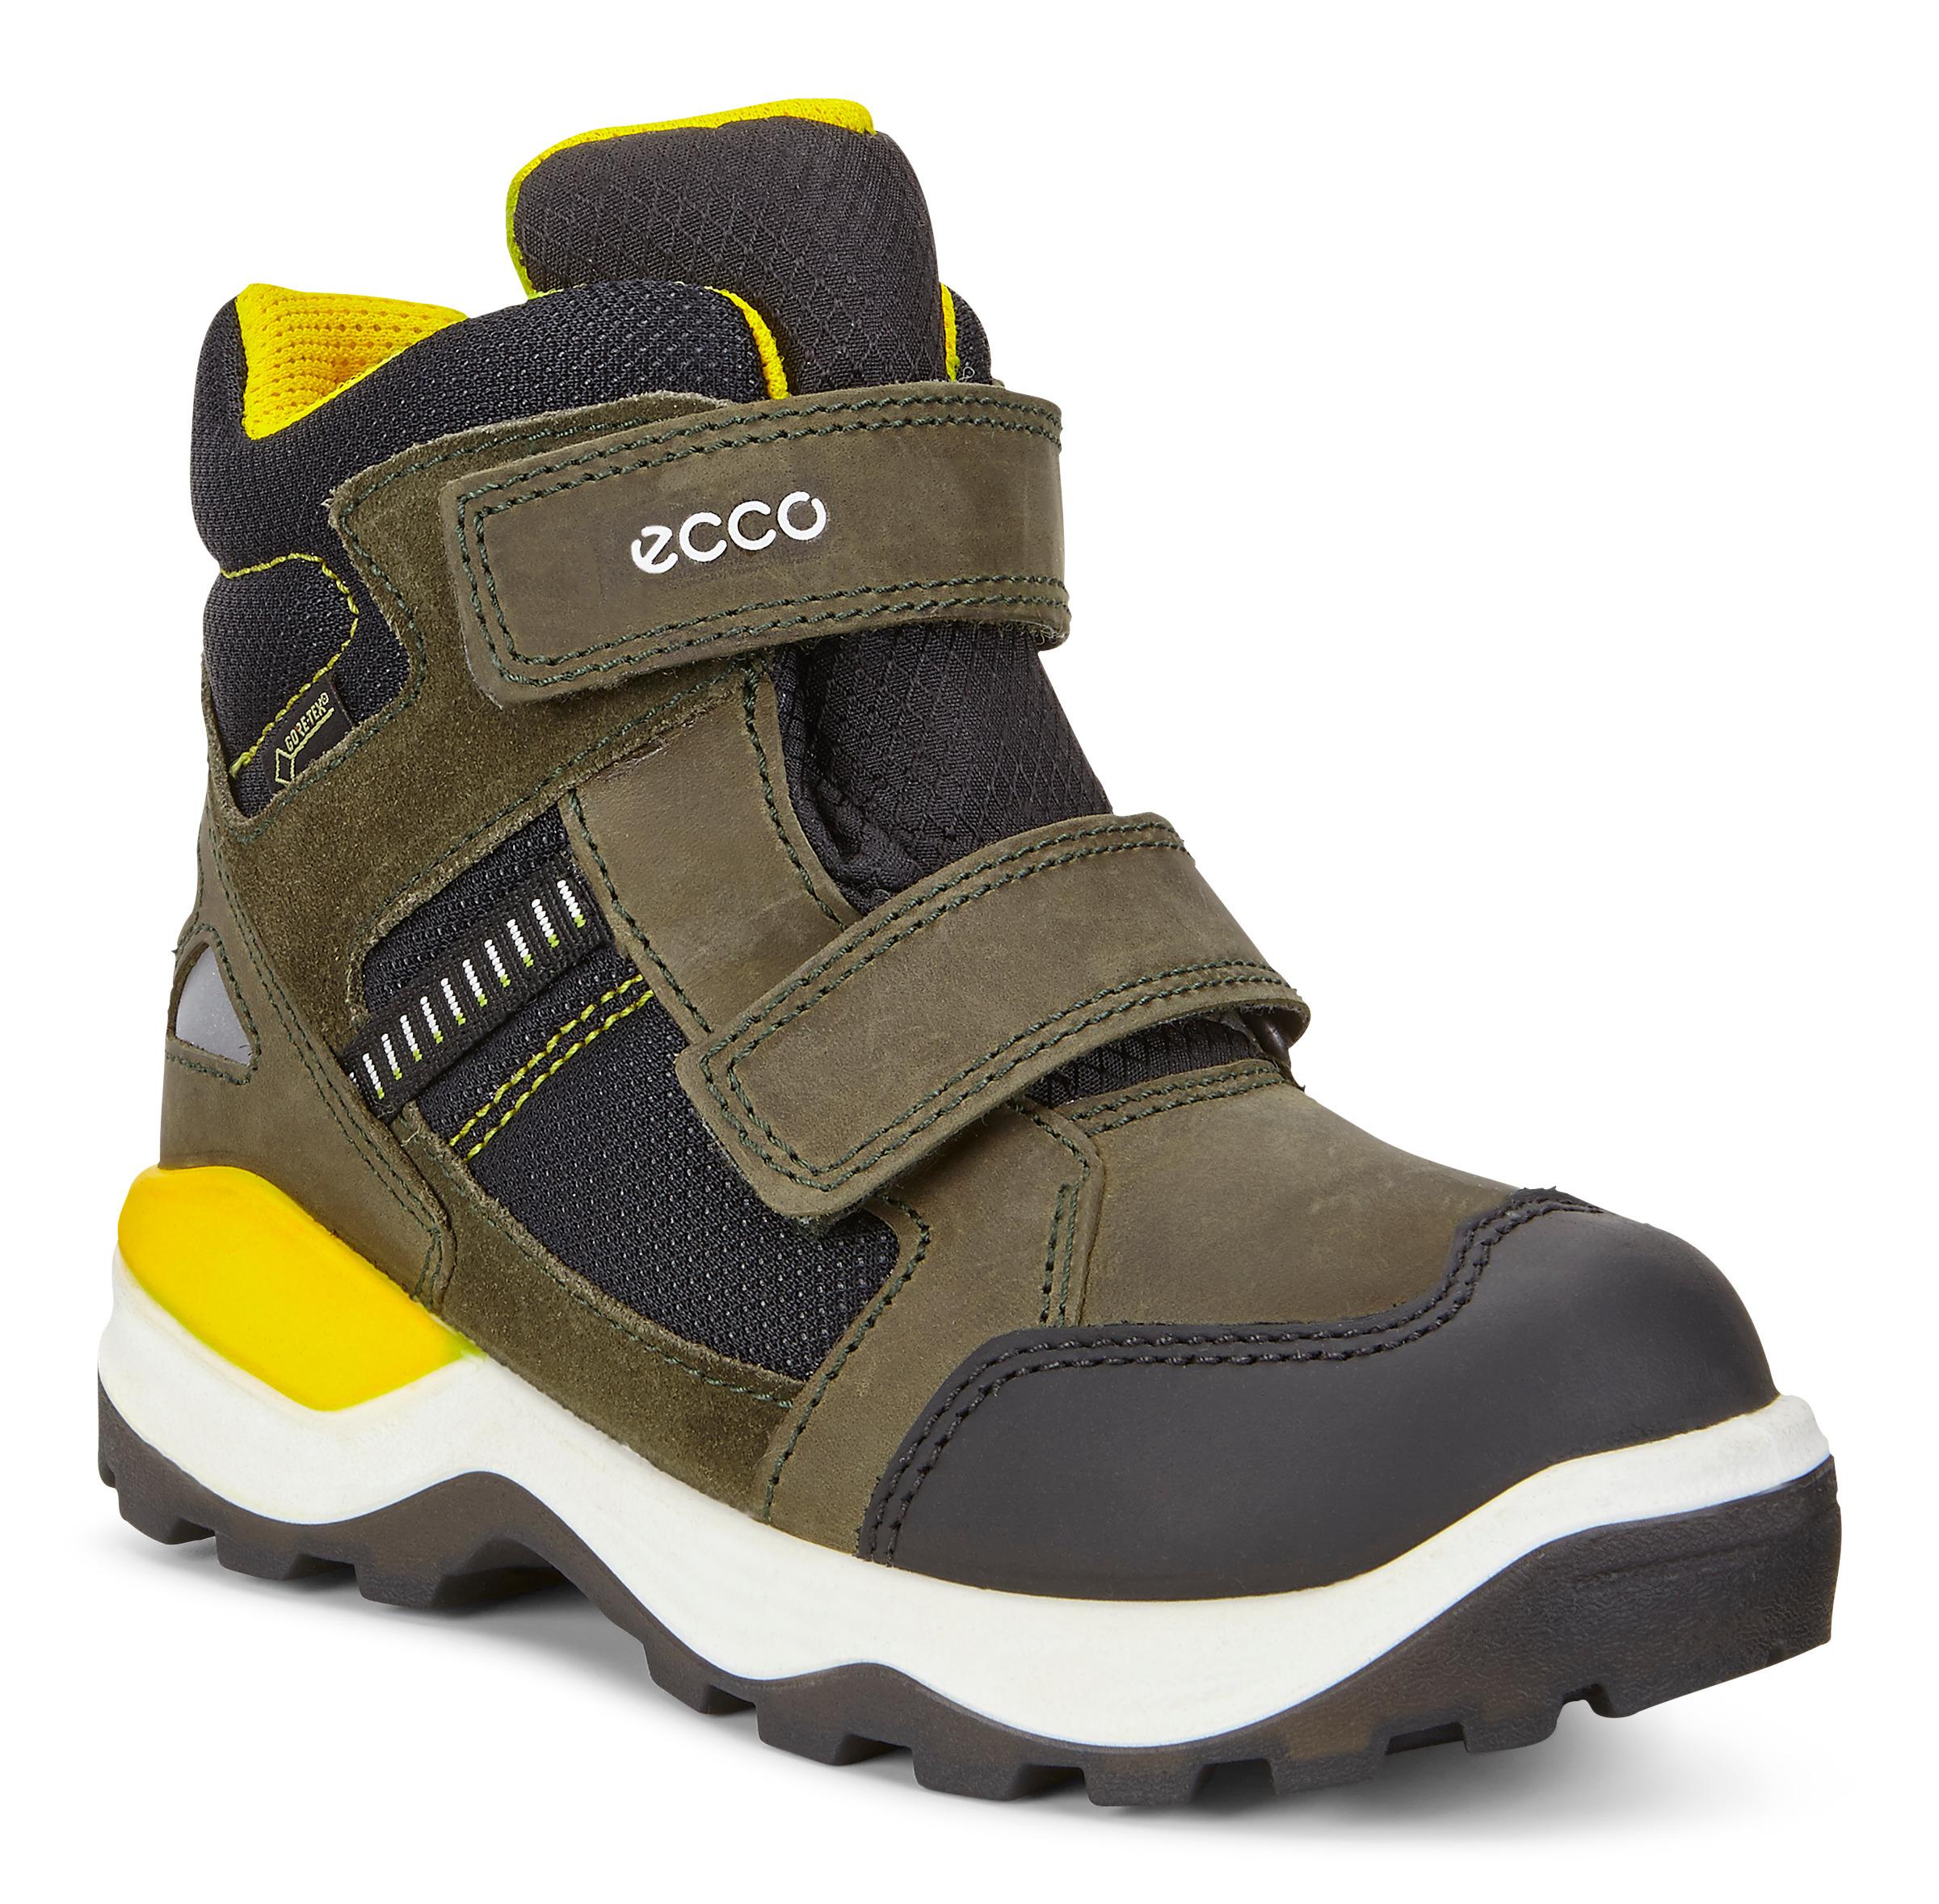 ecco shoes u beogradu